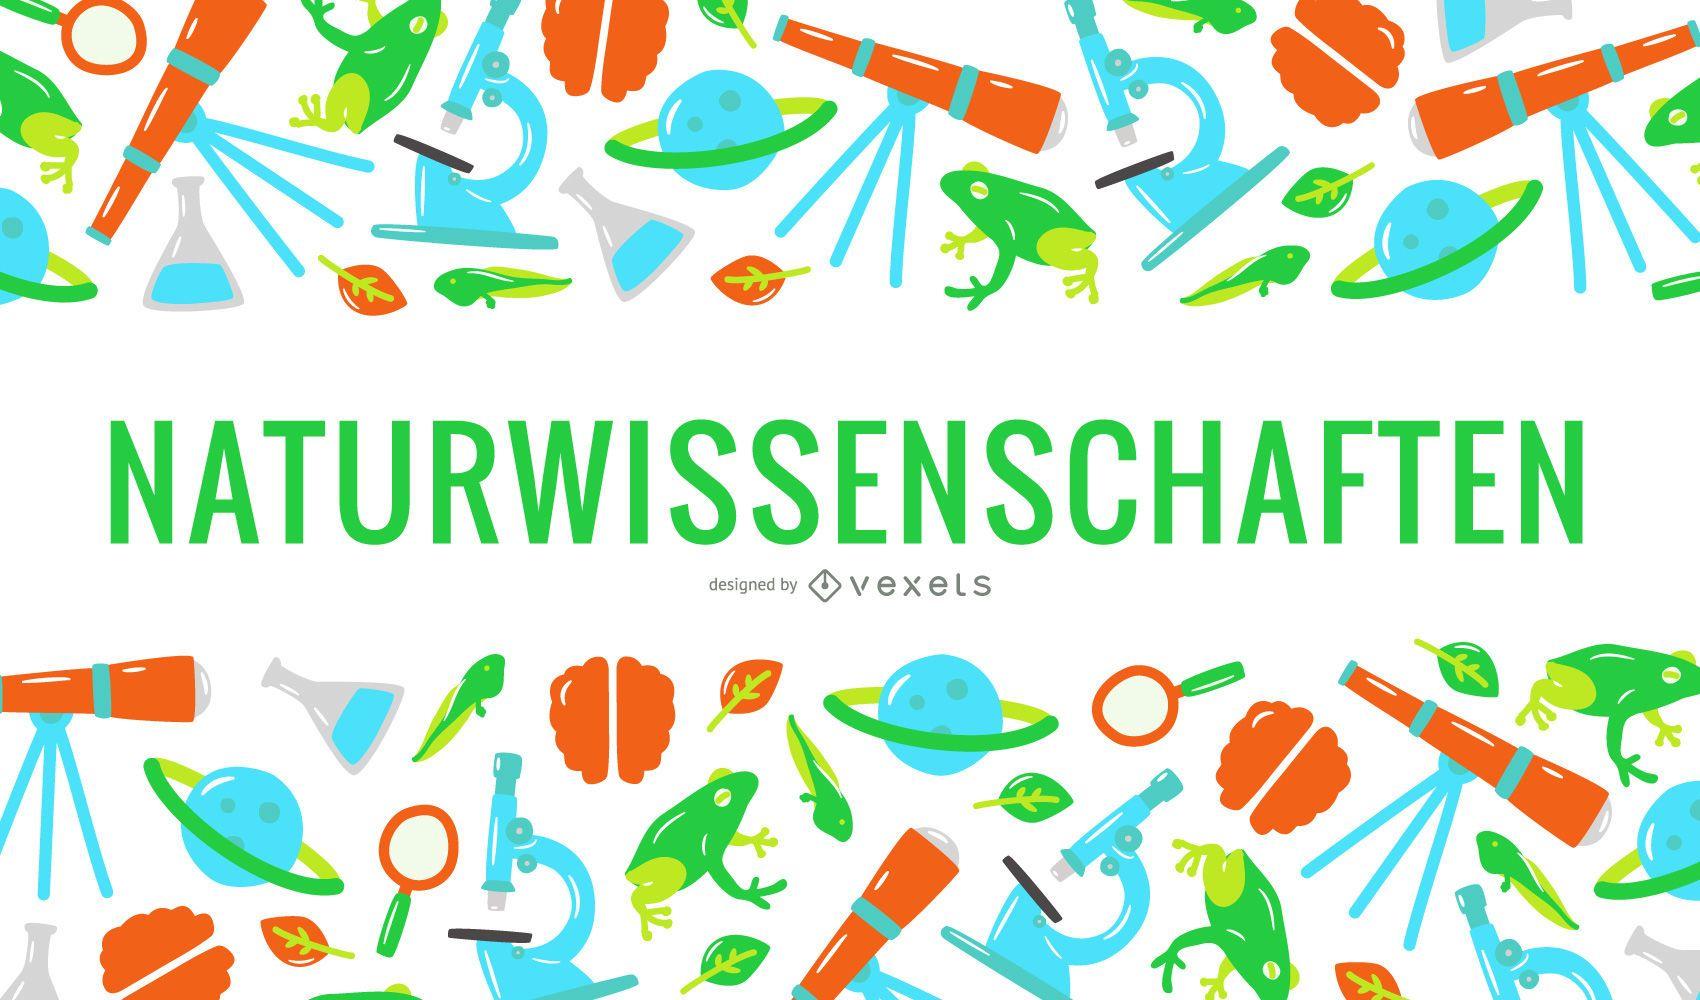 Capa de texto em alemão de ciências naturais